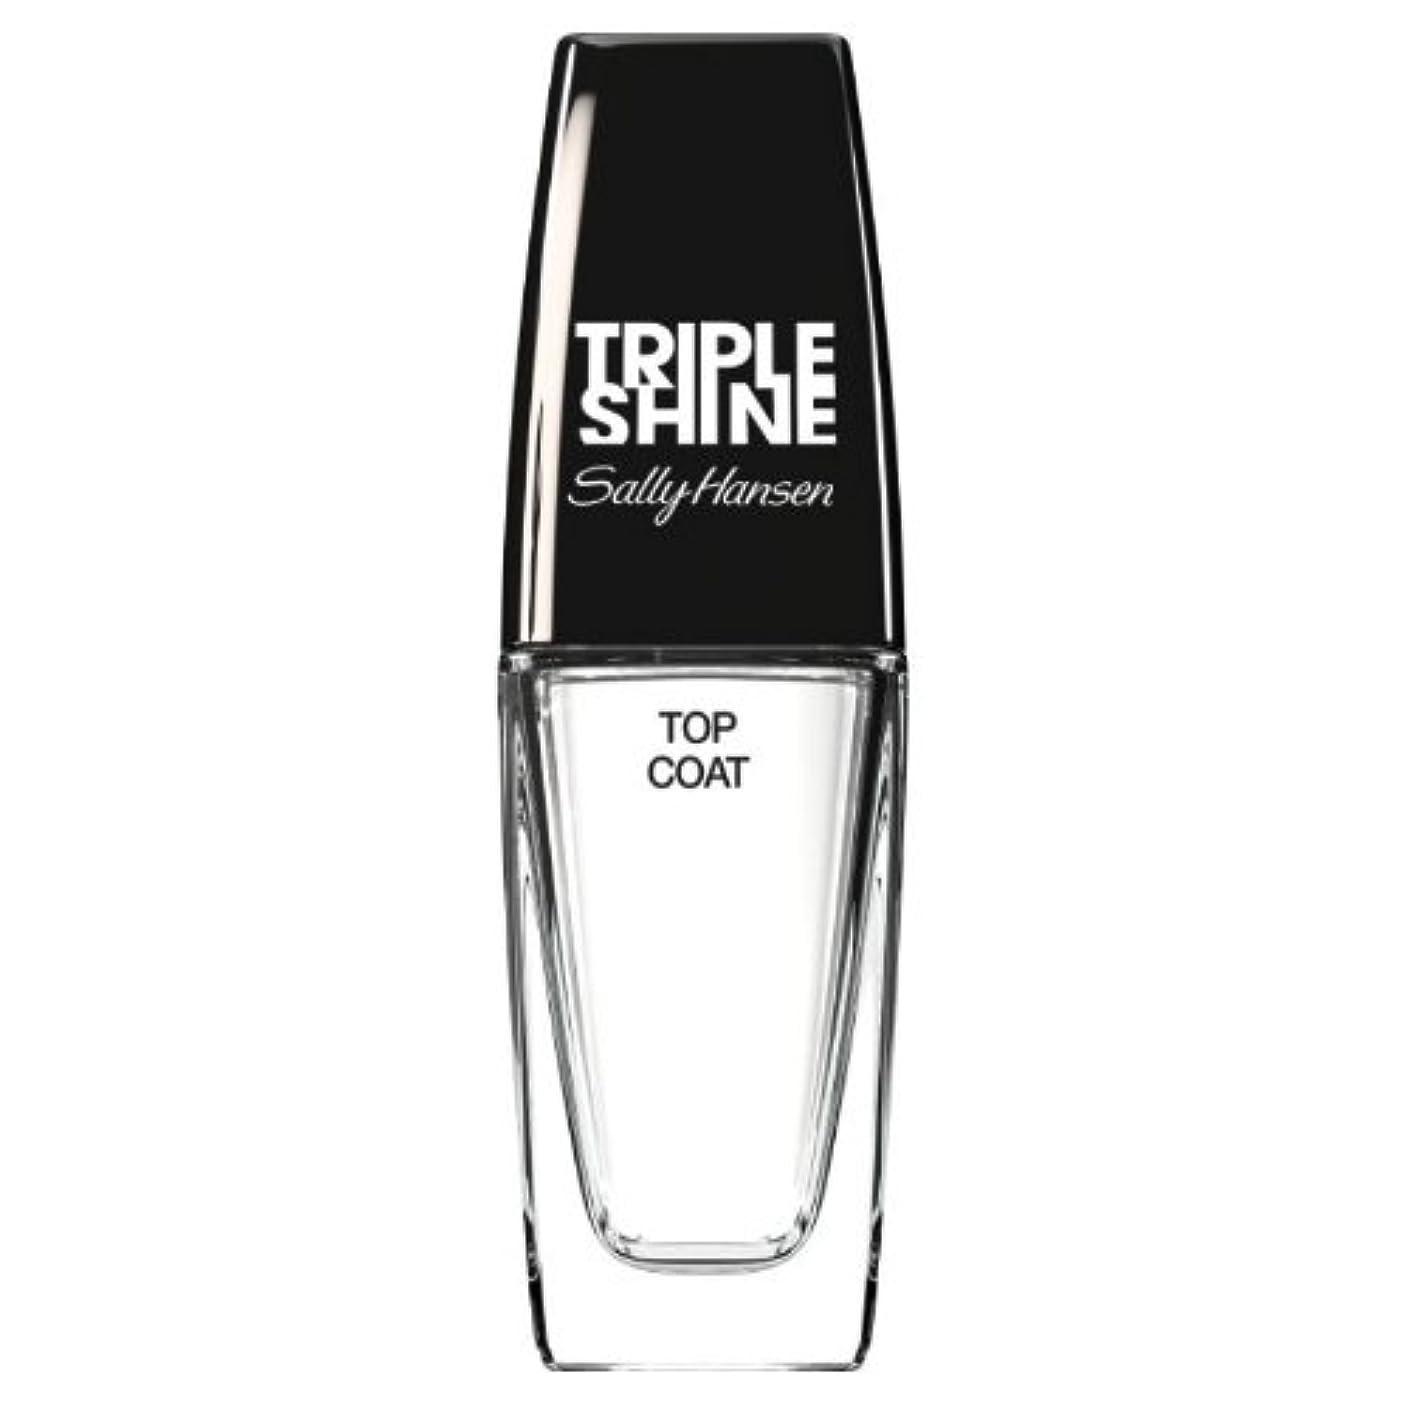 粘り強いシアー廊下(3 Pack) SALLY HANSEN Triple Shine Top Coat - Triple Shine Top Coat (並行輸入品)